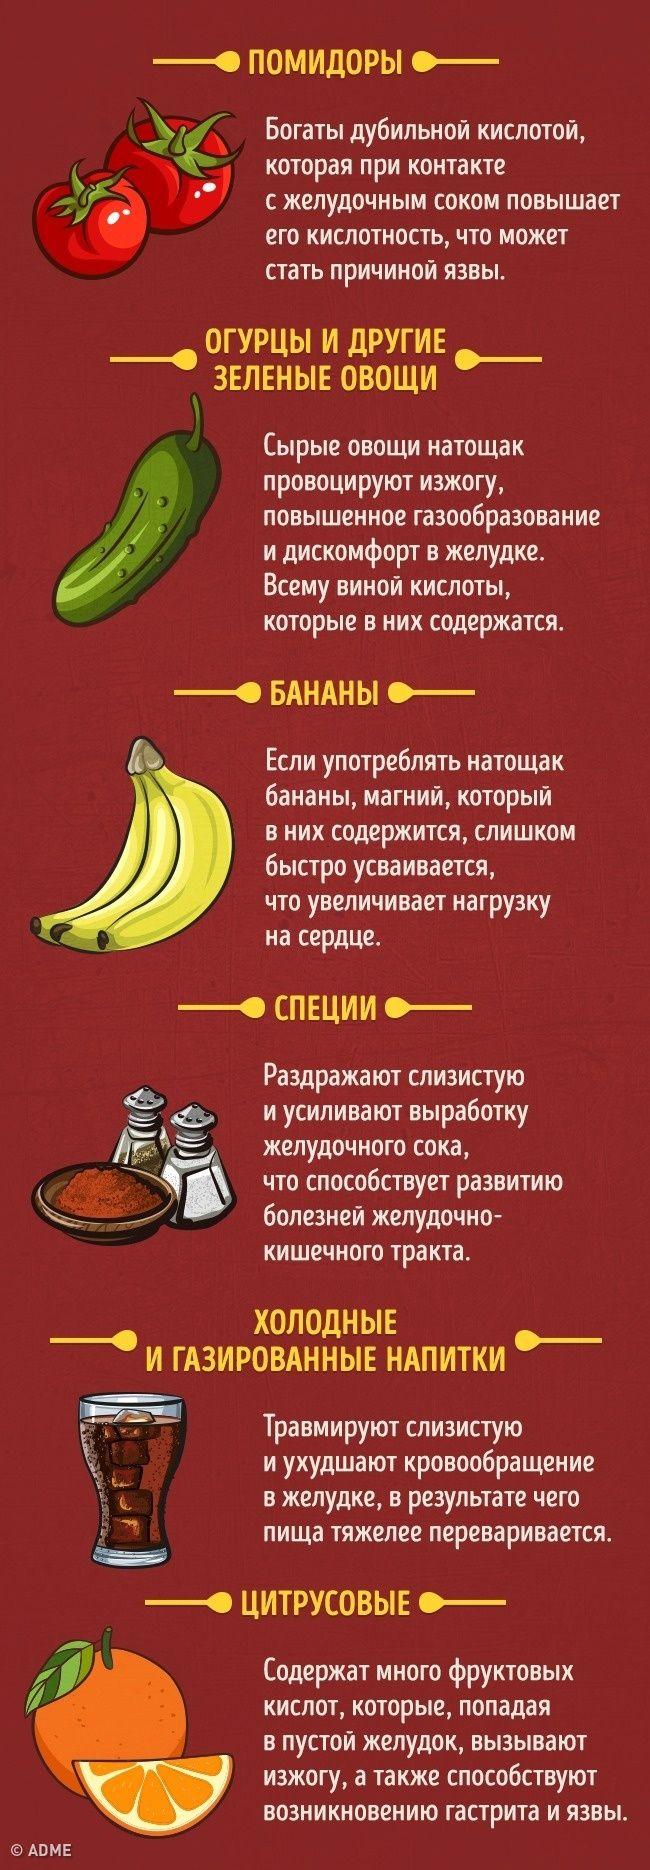 Йогурт, кофе и свежевыжатый апельсиновый сок — именно так большинство из нас представляют идеальный завтрак.К сожалению, немногие знают, что существуют продукты, которые не рекомендуется употреблять ...